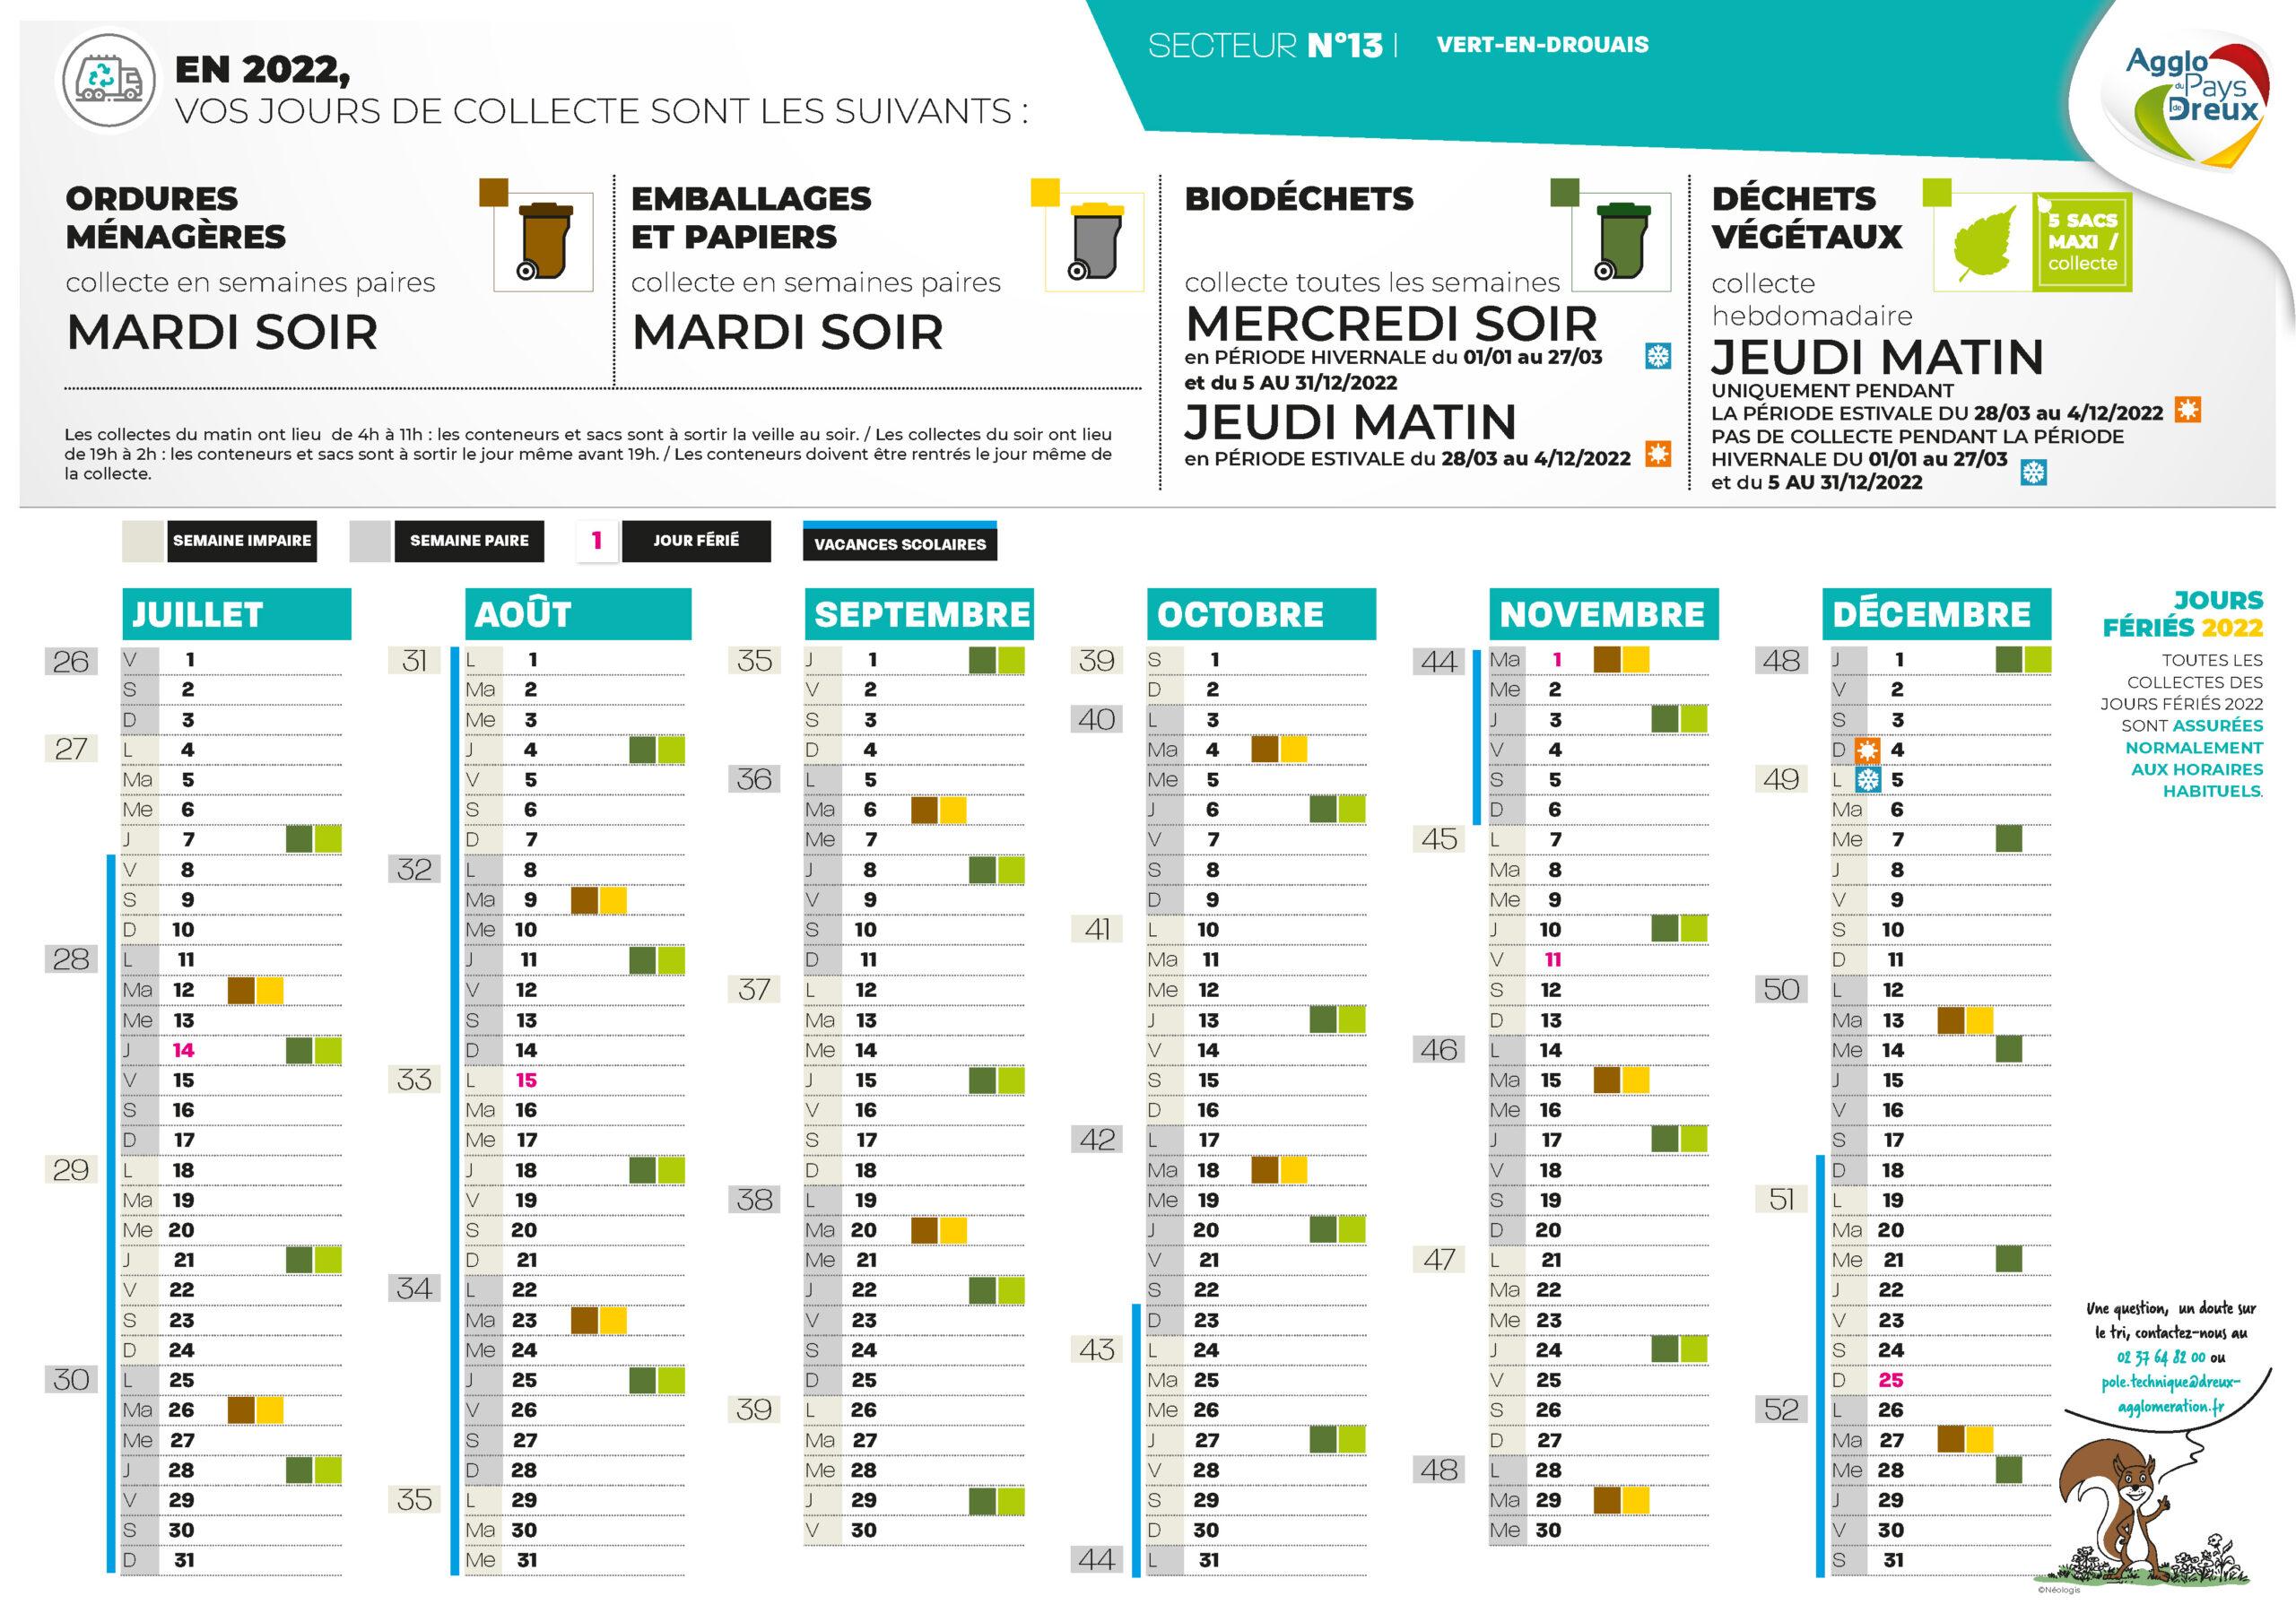 Calendrier-SECTEUR-13-consignes-de-tri